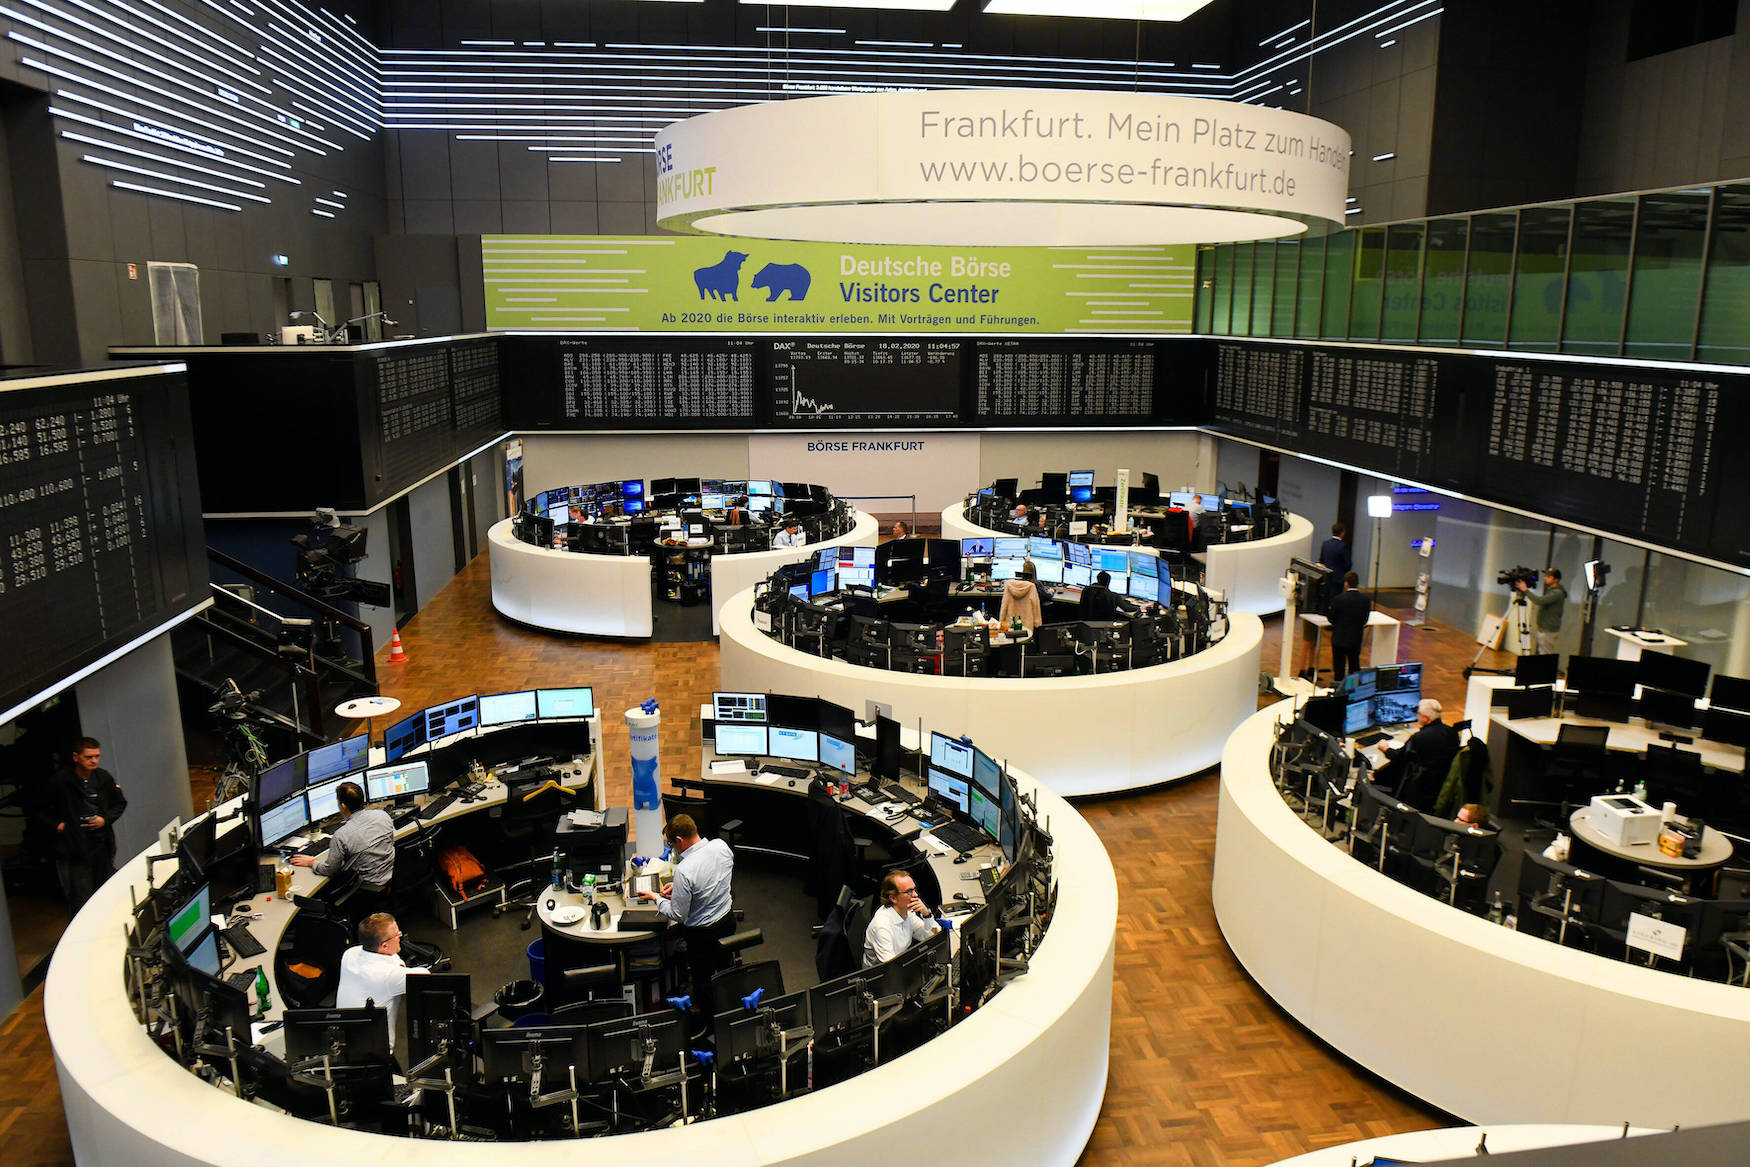 Goodwill Blase' von 317 Mrd. Euro droht zu platzen